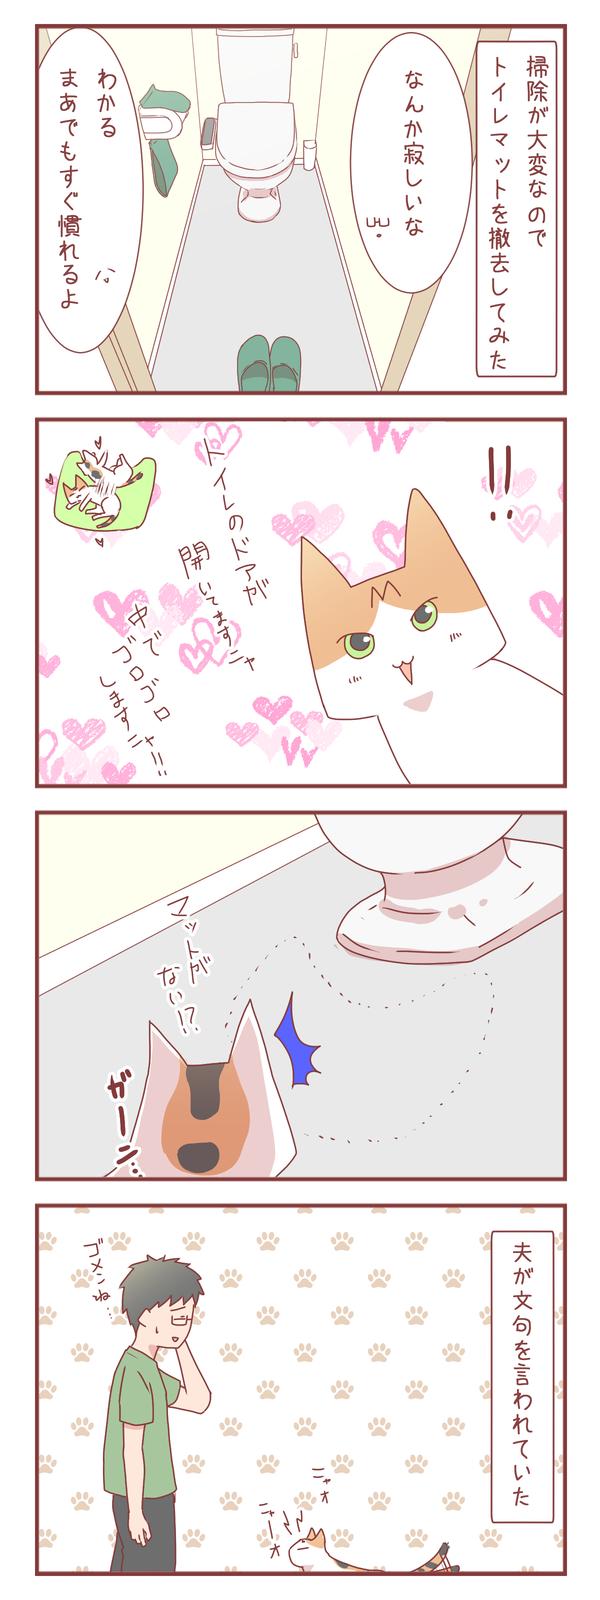 撤去したマットが猫さんのお気に入りだった結果